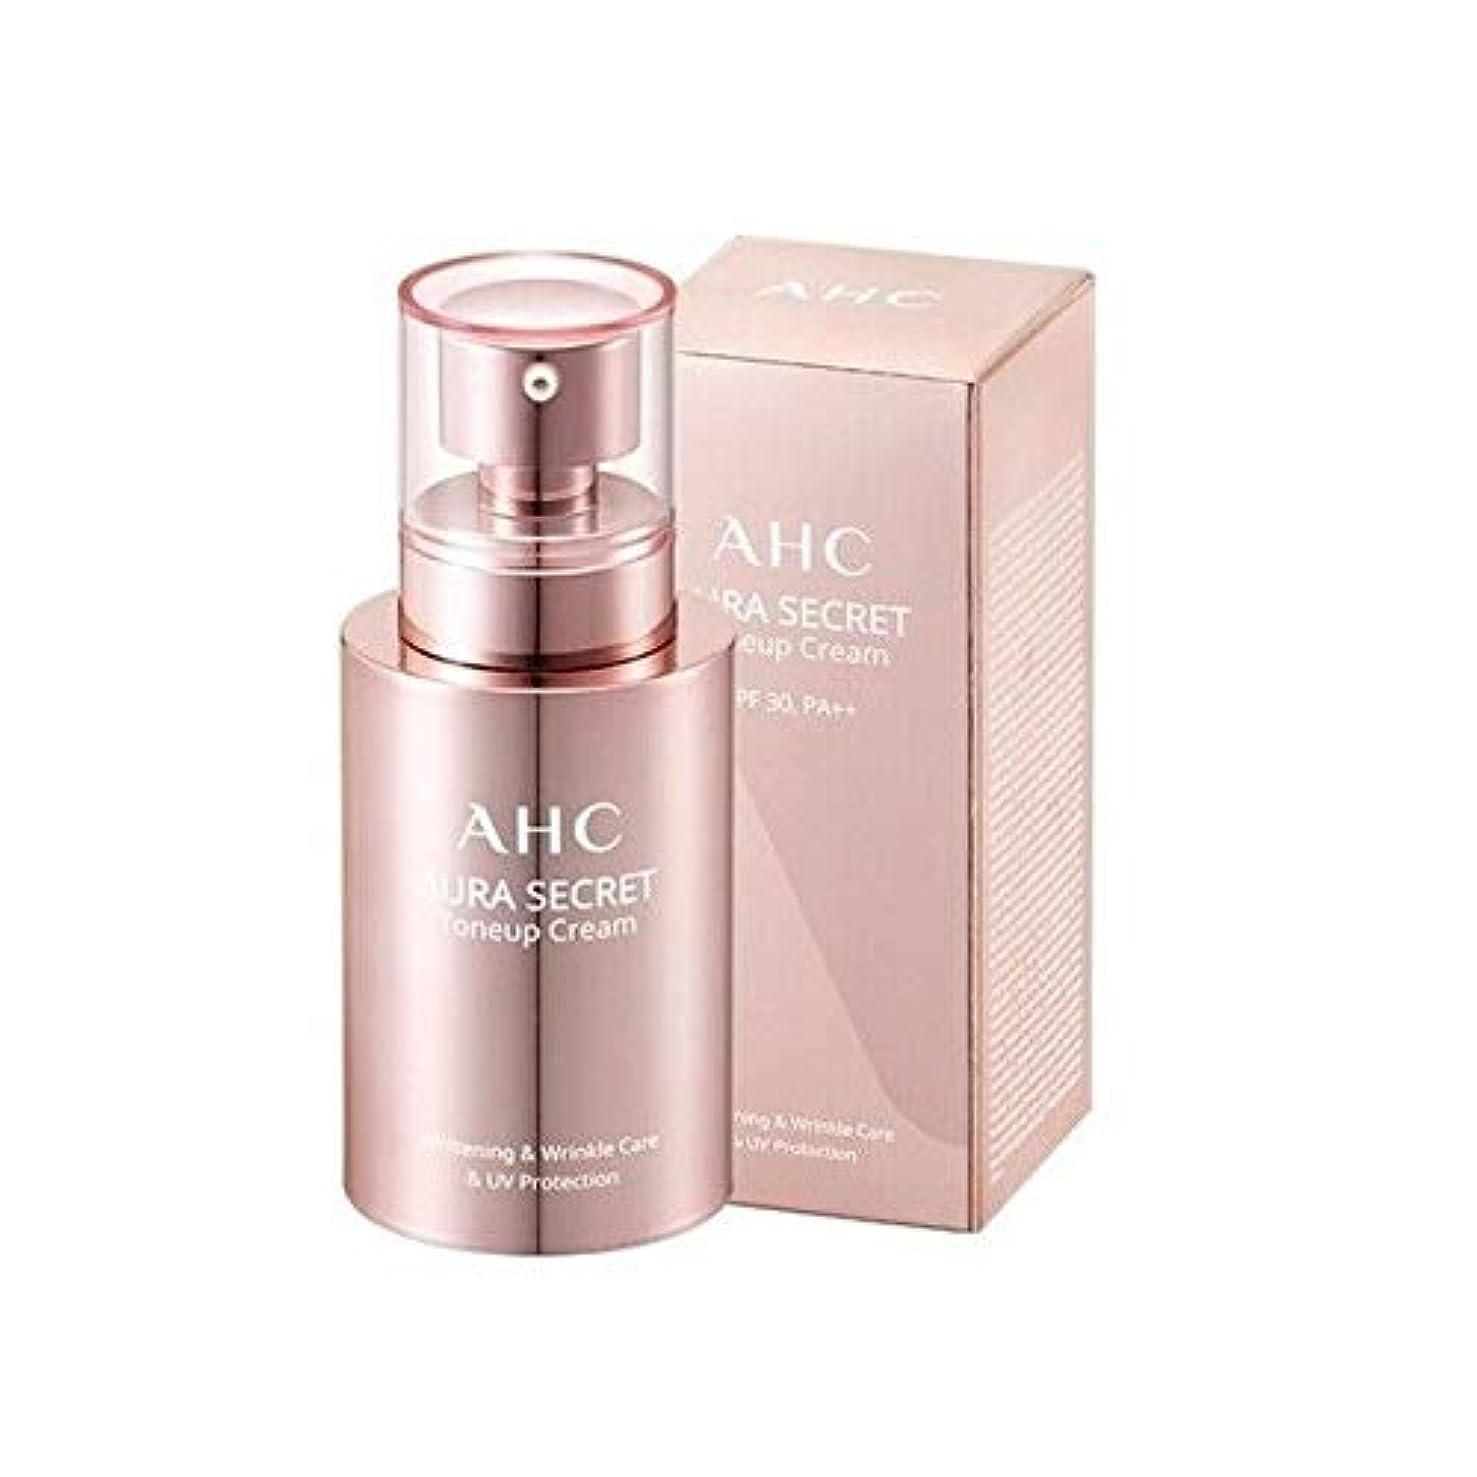 誇大妄想反対する賢明な[ギフト付き] AHC オーラ シークレット トーンアップ クリーム SPF30/PA++ 50g / AHC Aura Secret Tone Up Cream Pink